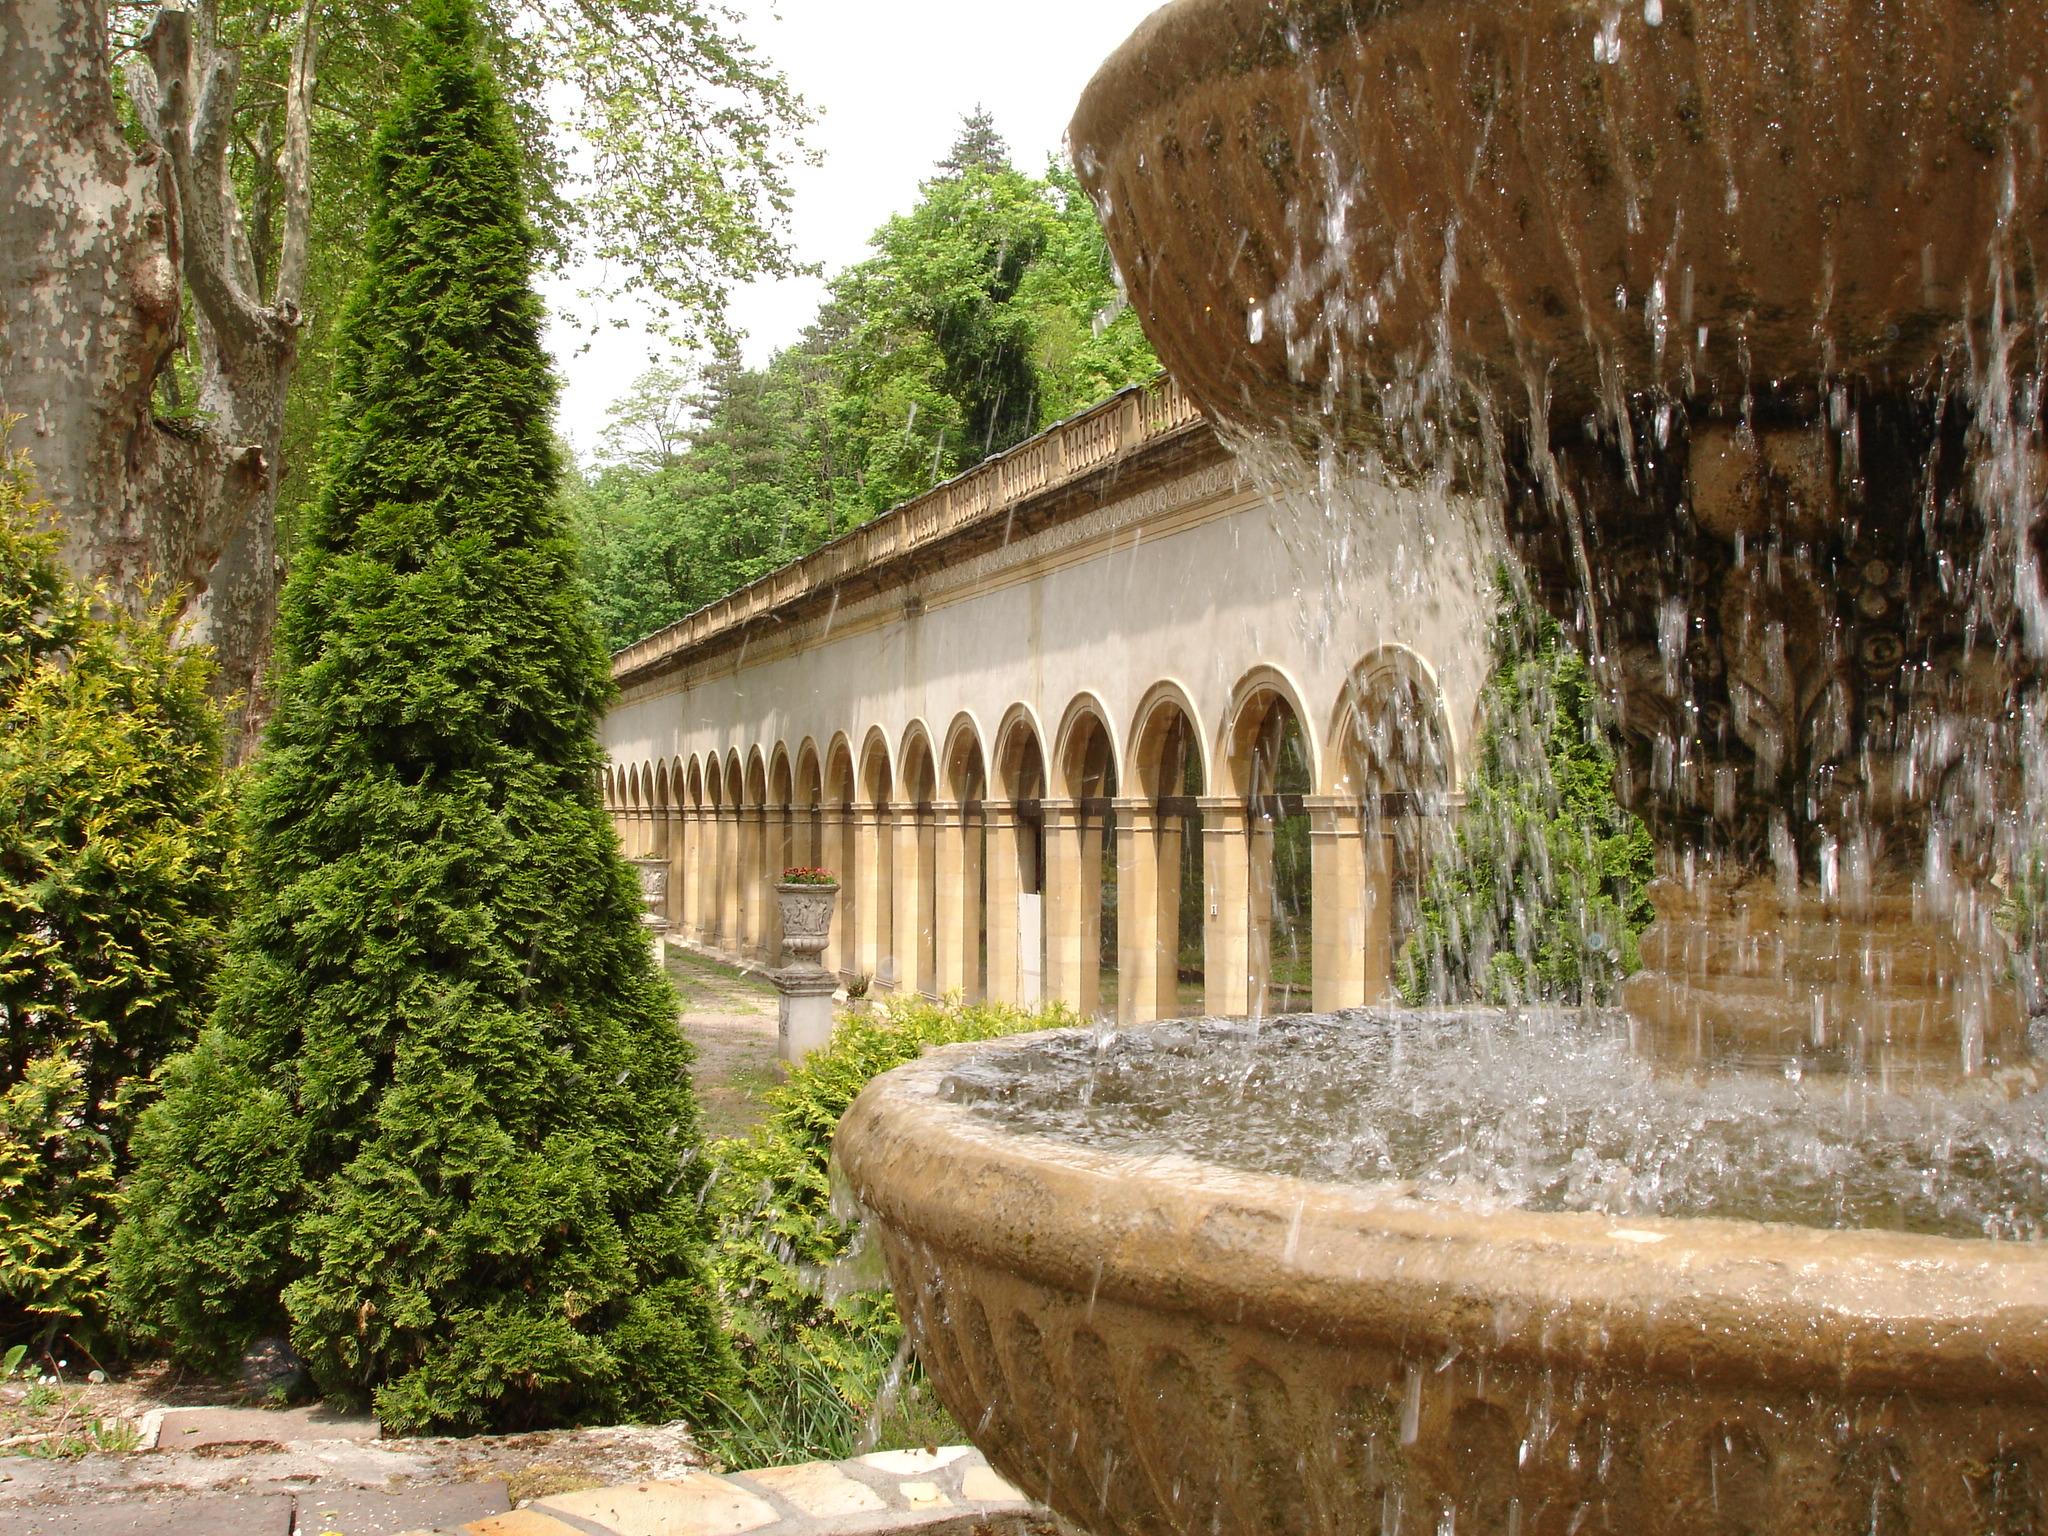 1517-ussat-les-bains-thermes-09.jpg